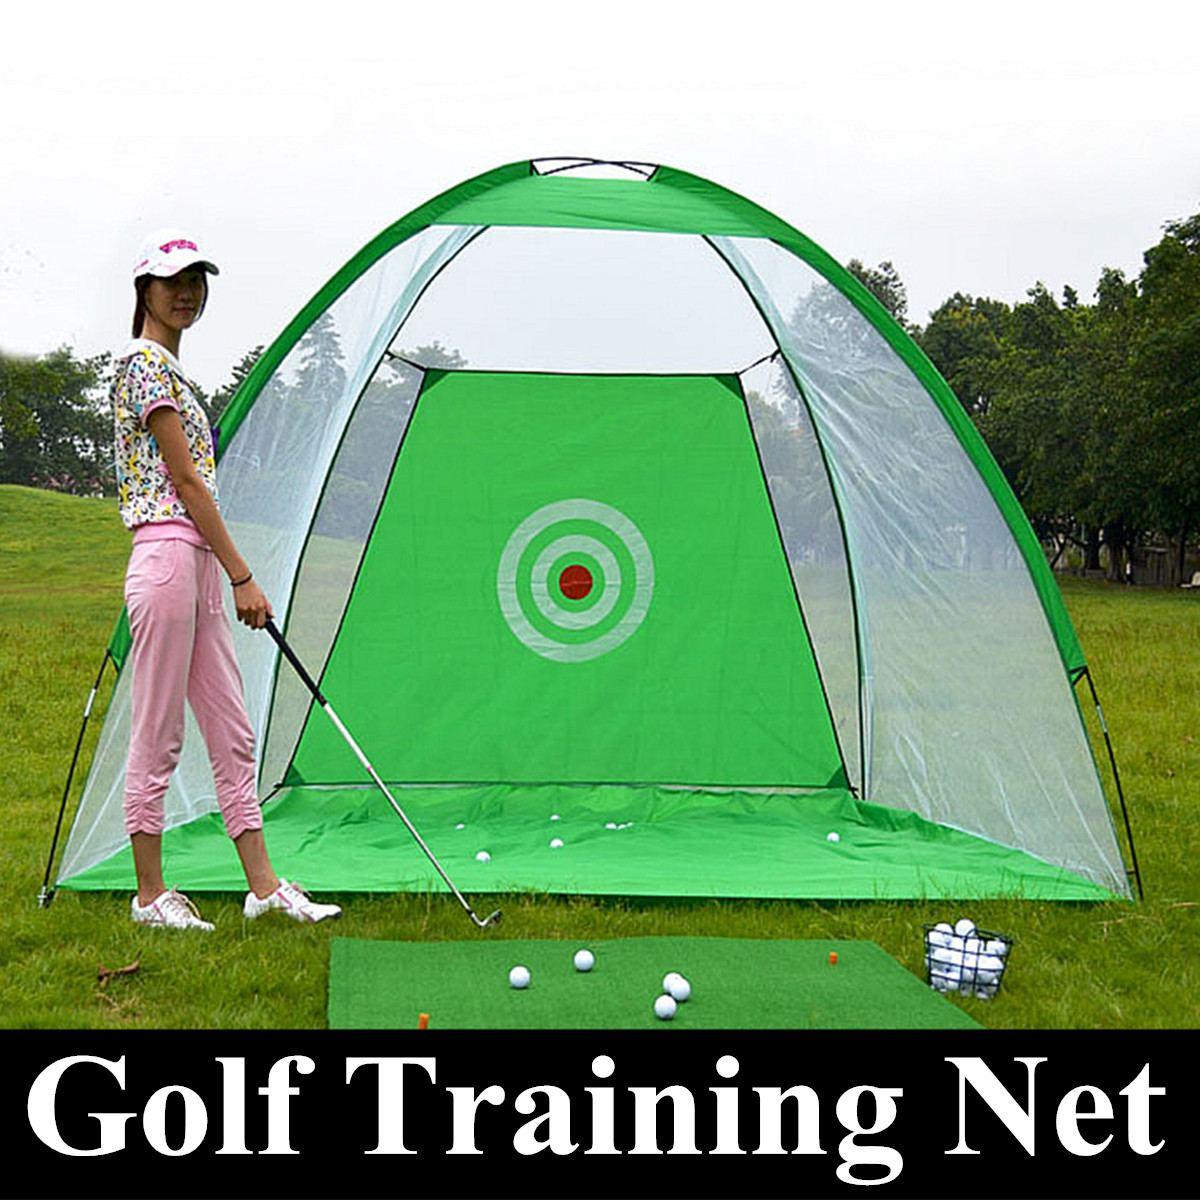 Red de entrenamiento de Golf de 1 M/3 M Red de práctica plegable Red de astillado que pega la jaula entrenador interior/exterior pradera Golf equipo de ayuda